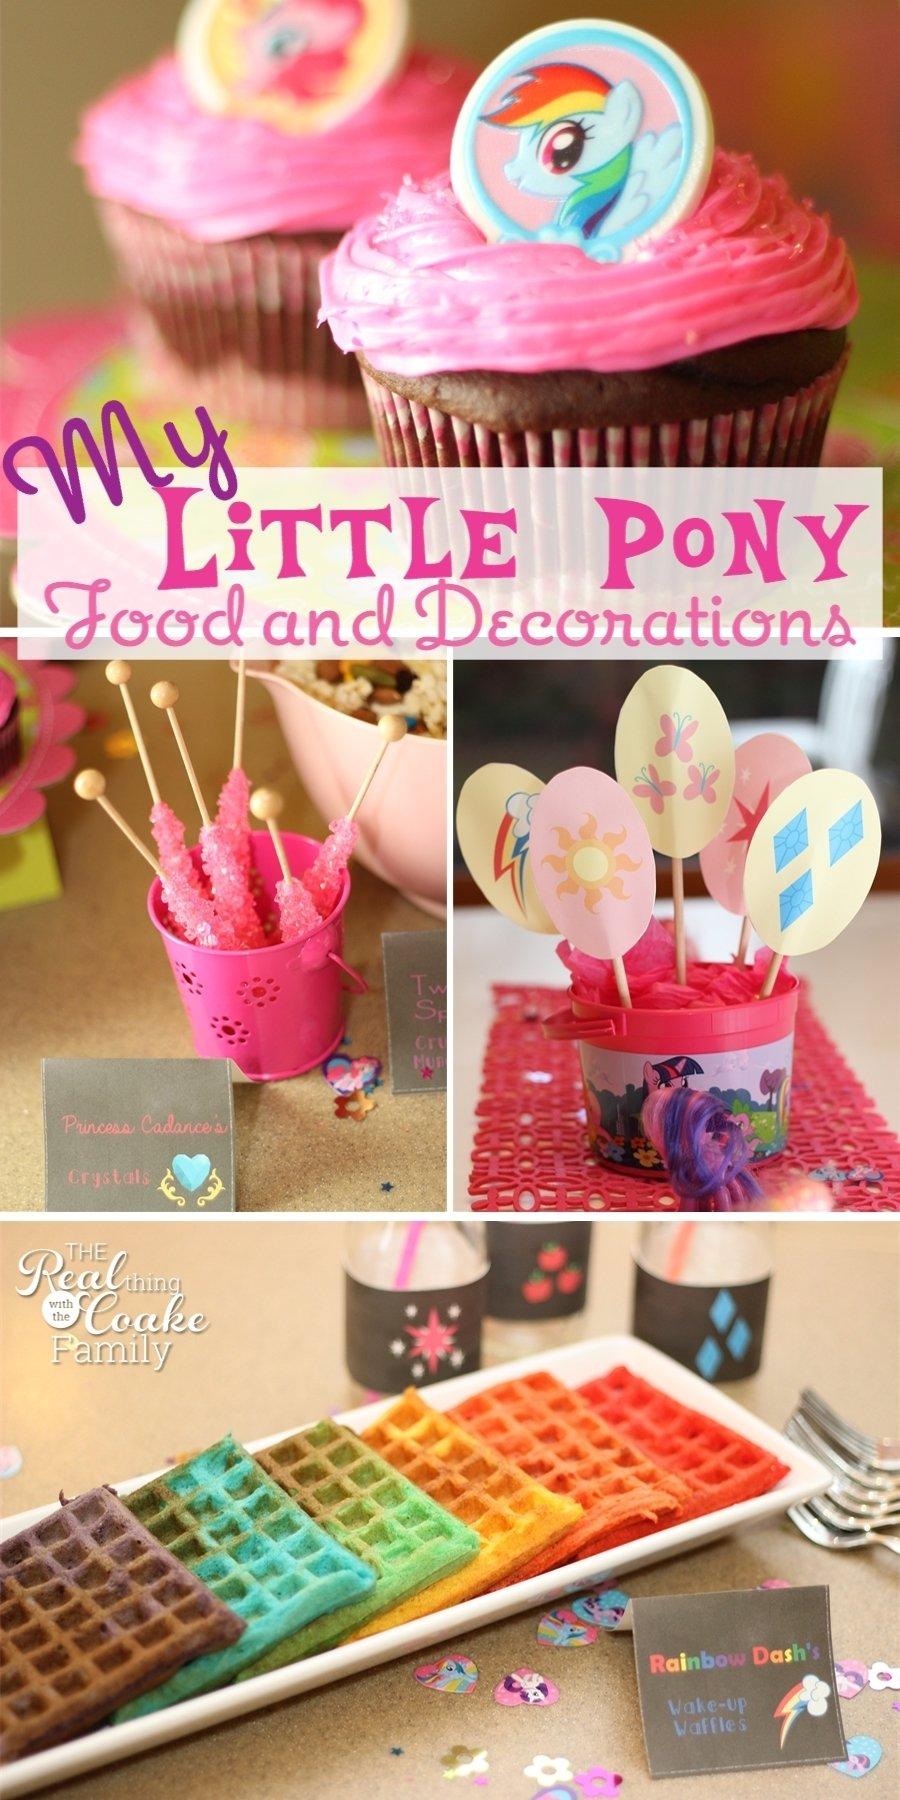 10 Pretty My Little Pony Birthday Party Ideas my little pony birthday party food and decorating ideas 3 2021